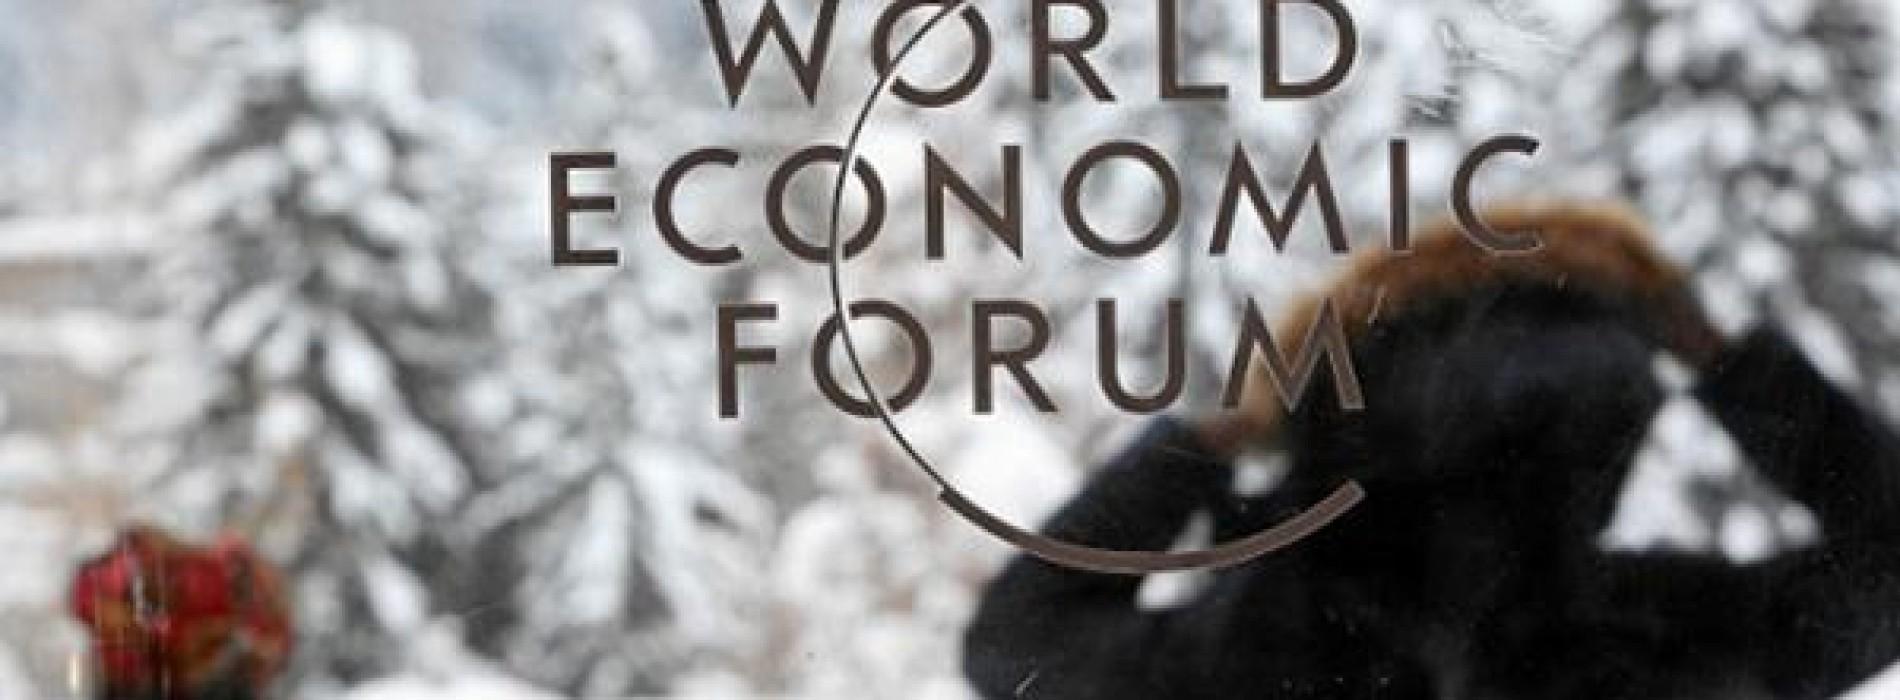 Africa Rising, l'Africa ha ancora un potenziale a lungo termine